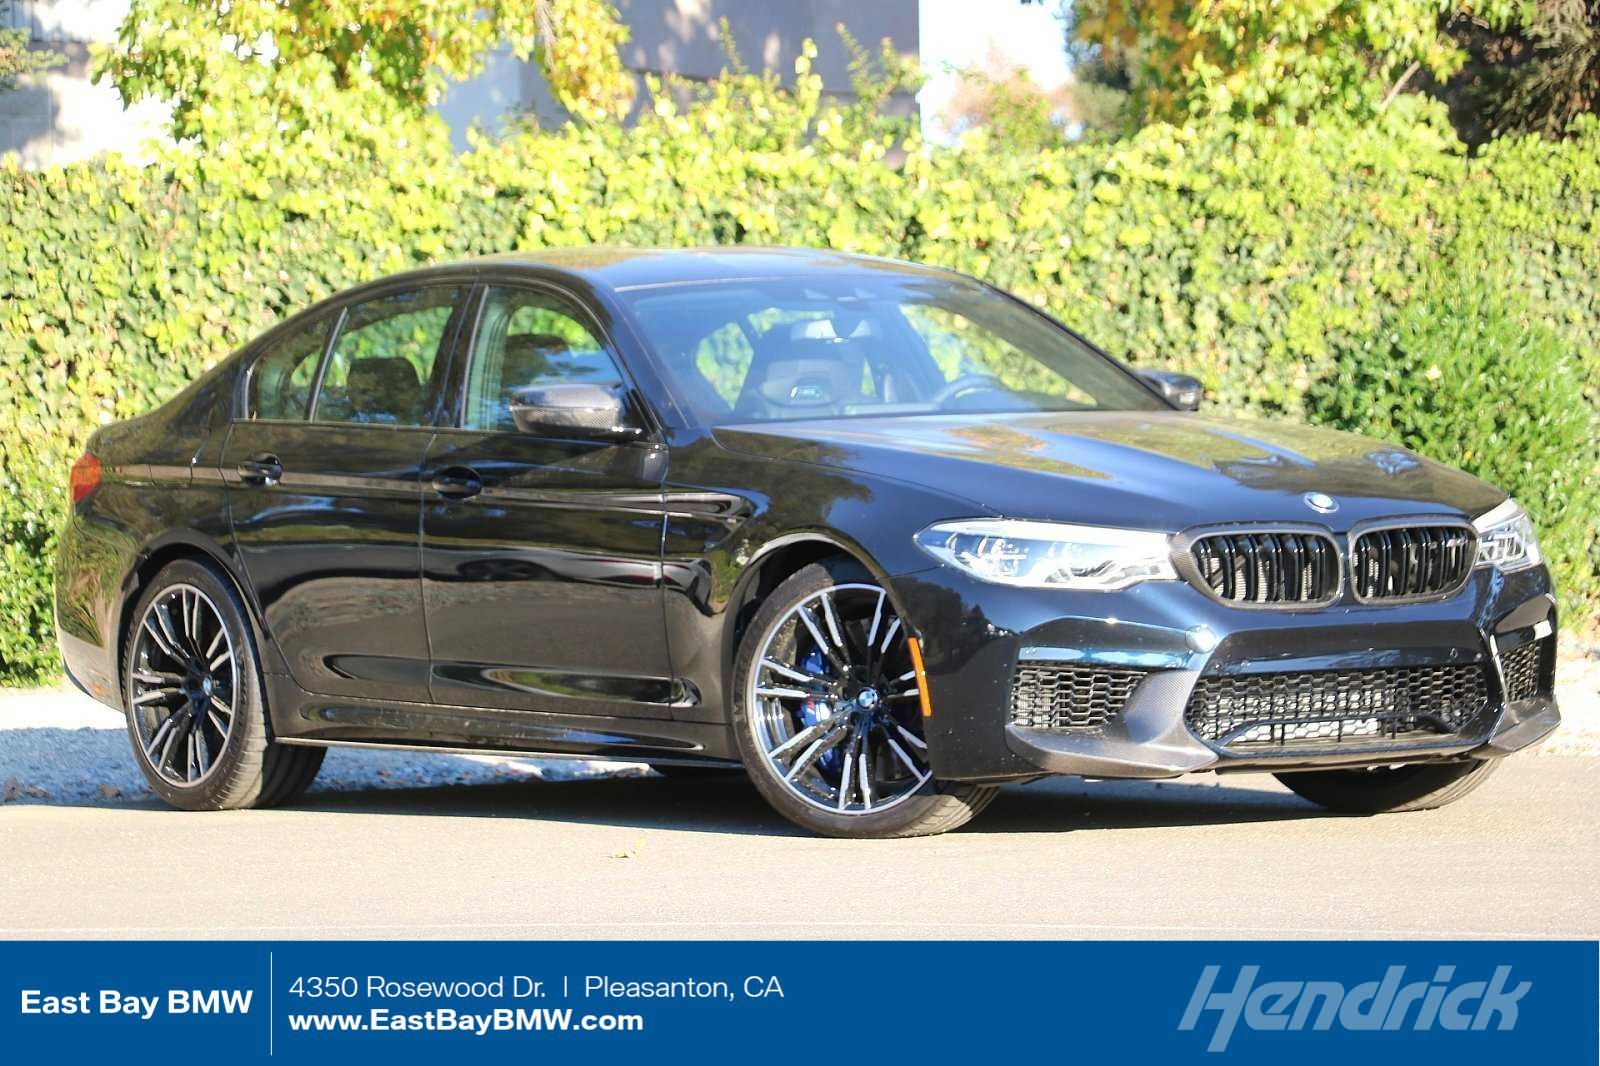 New 2020 BMW M5 Sedan